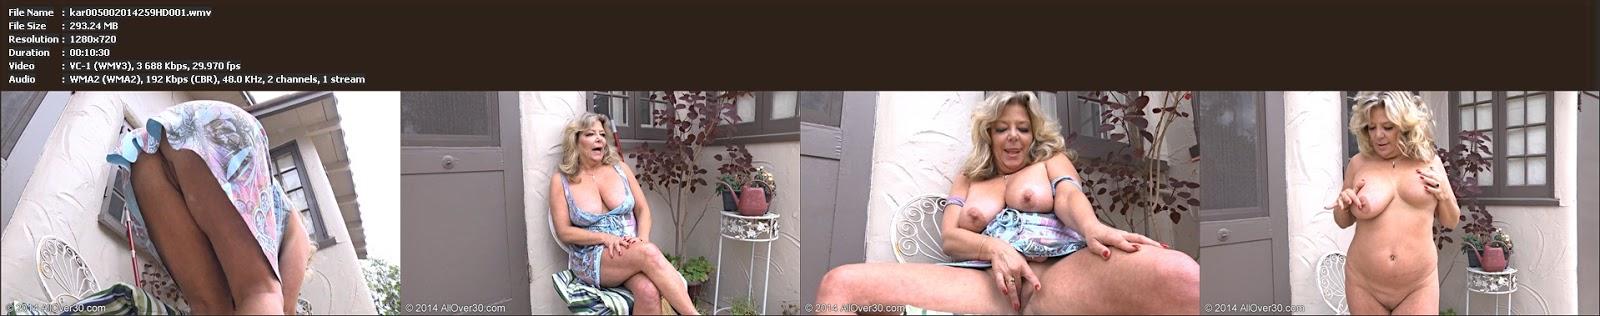 08 vera delight granny likes it rough anal 10